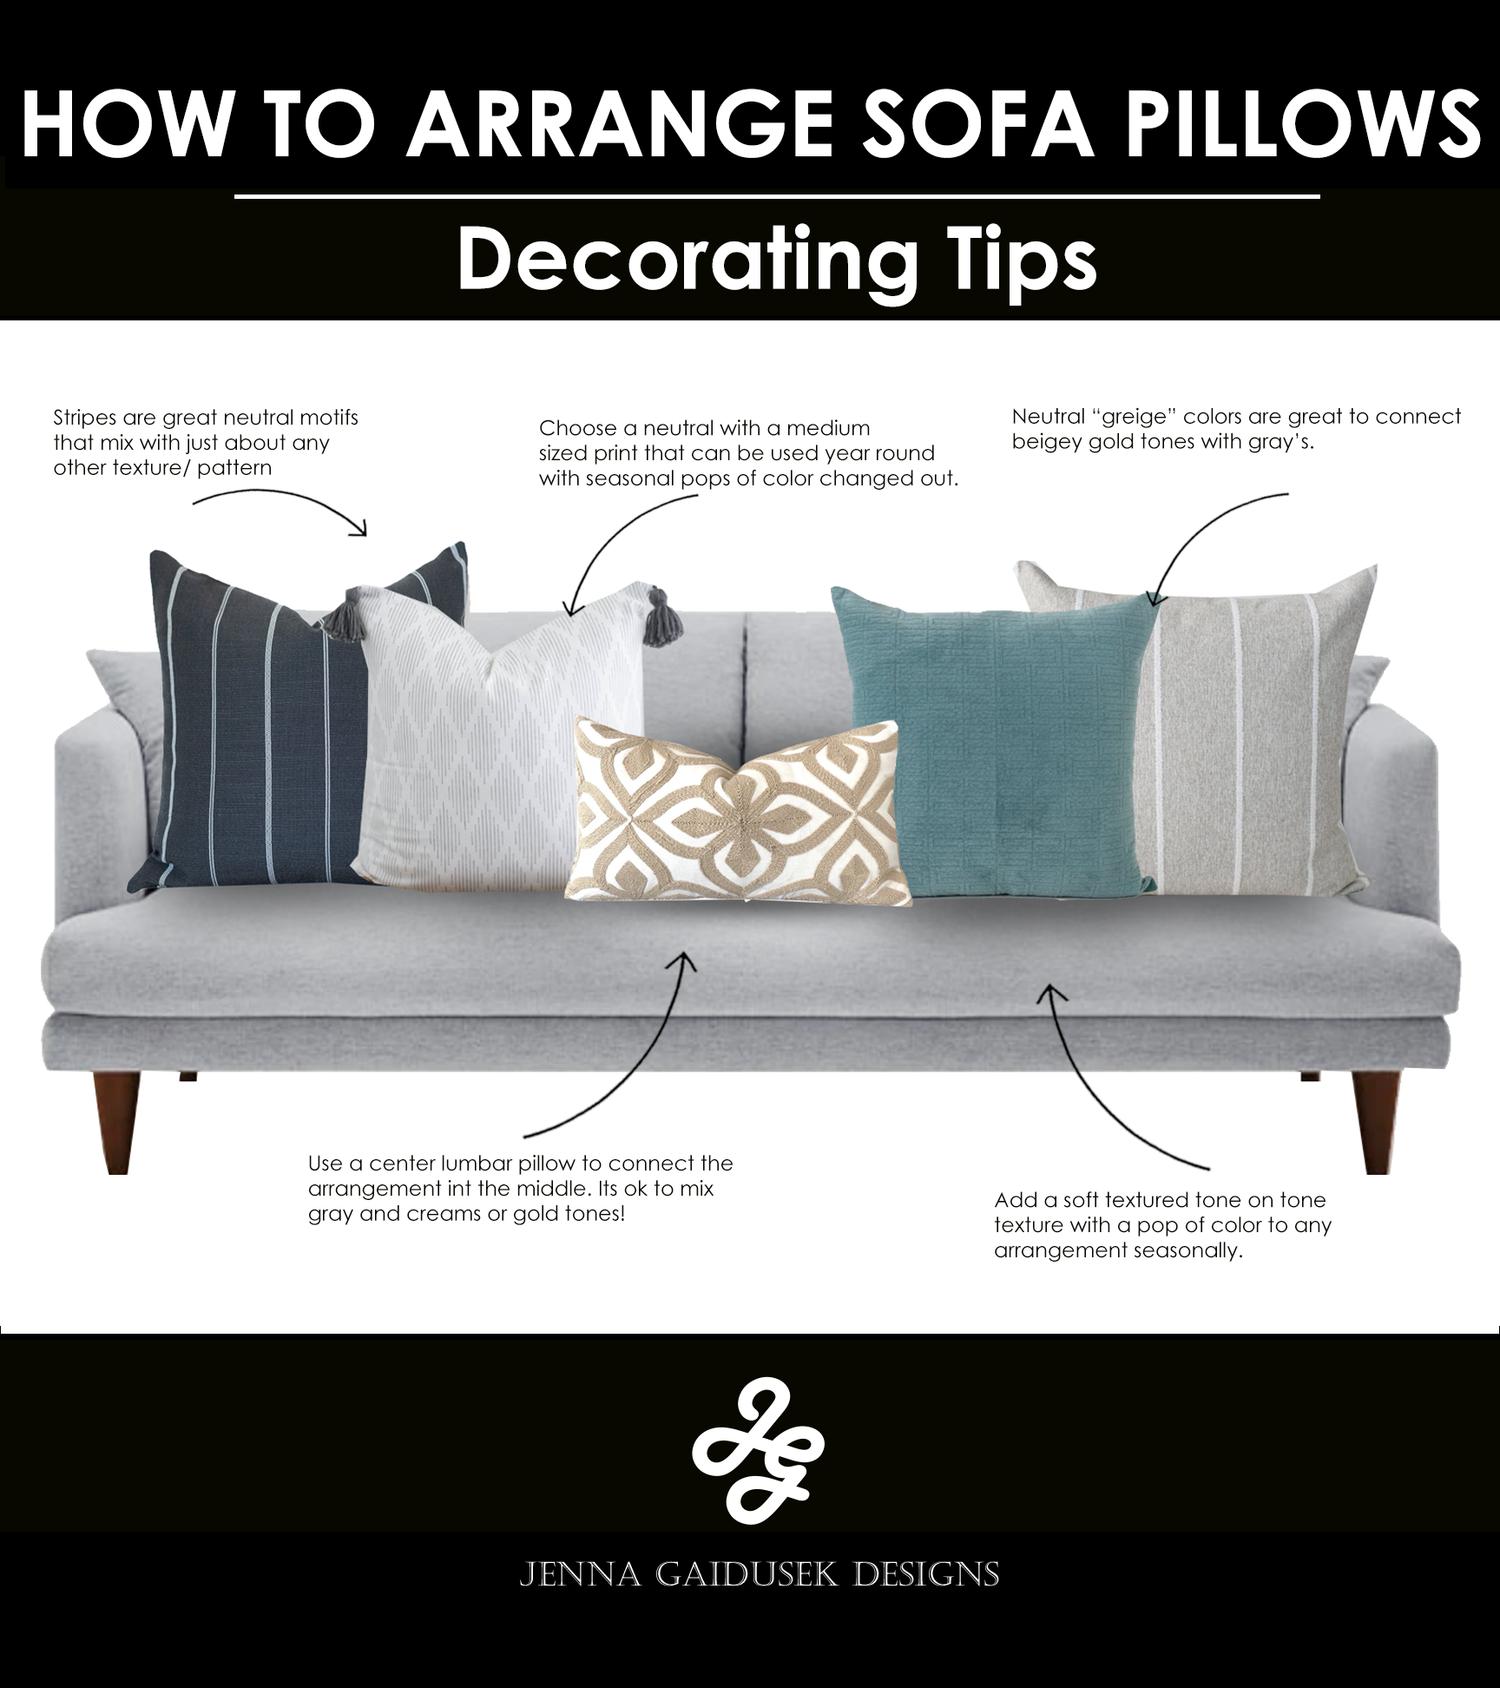 Pillow Design Service | Pillows in 2019 | Sofa pillows ...